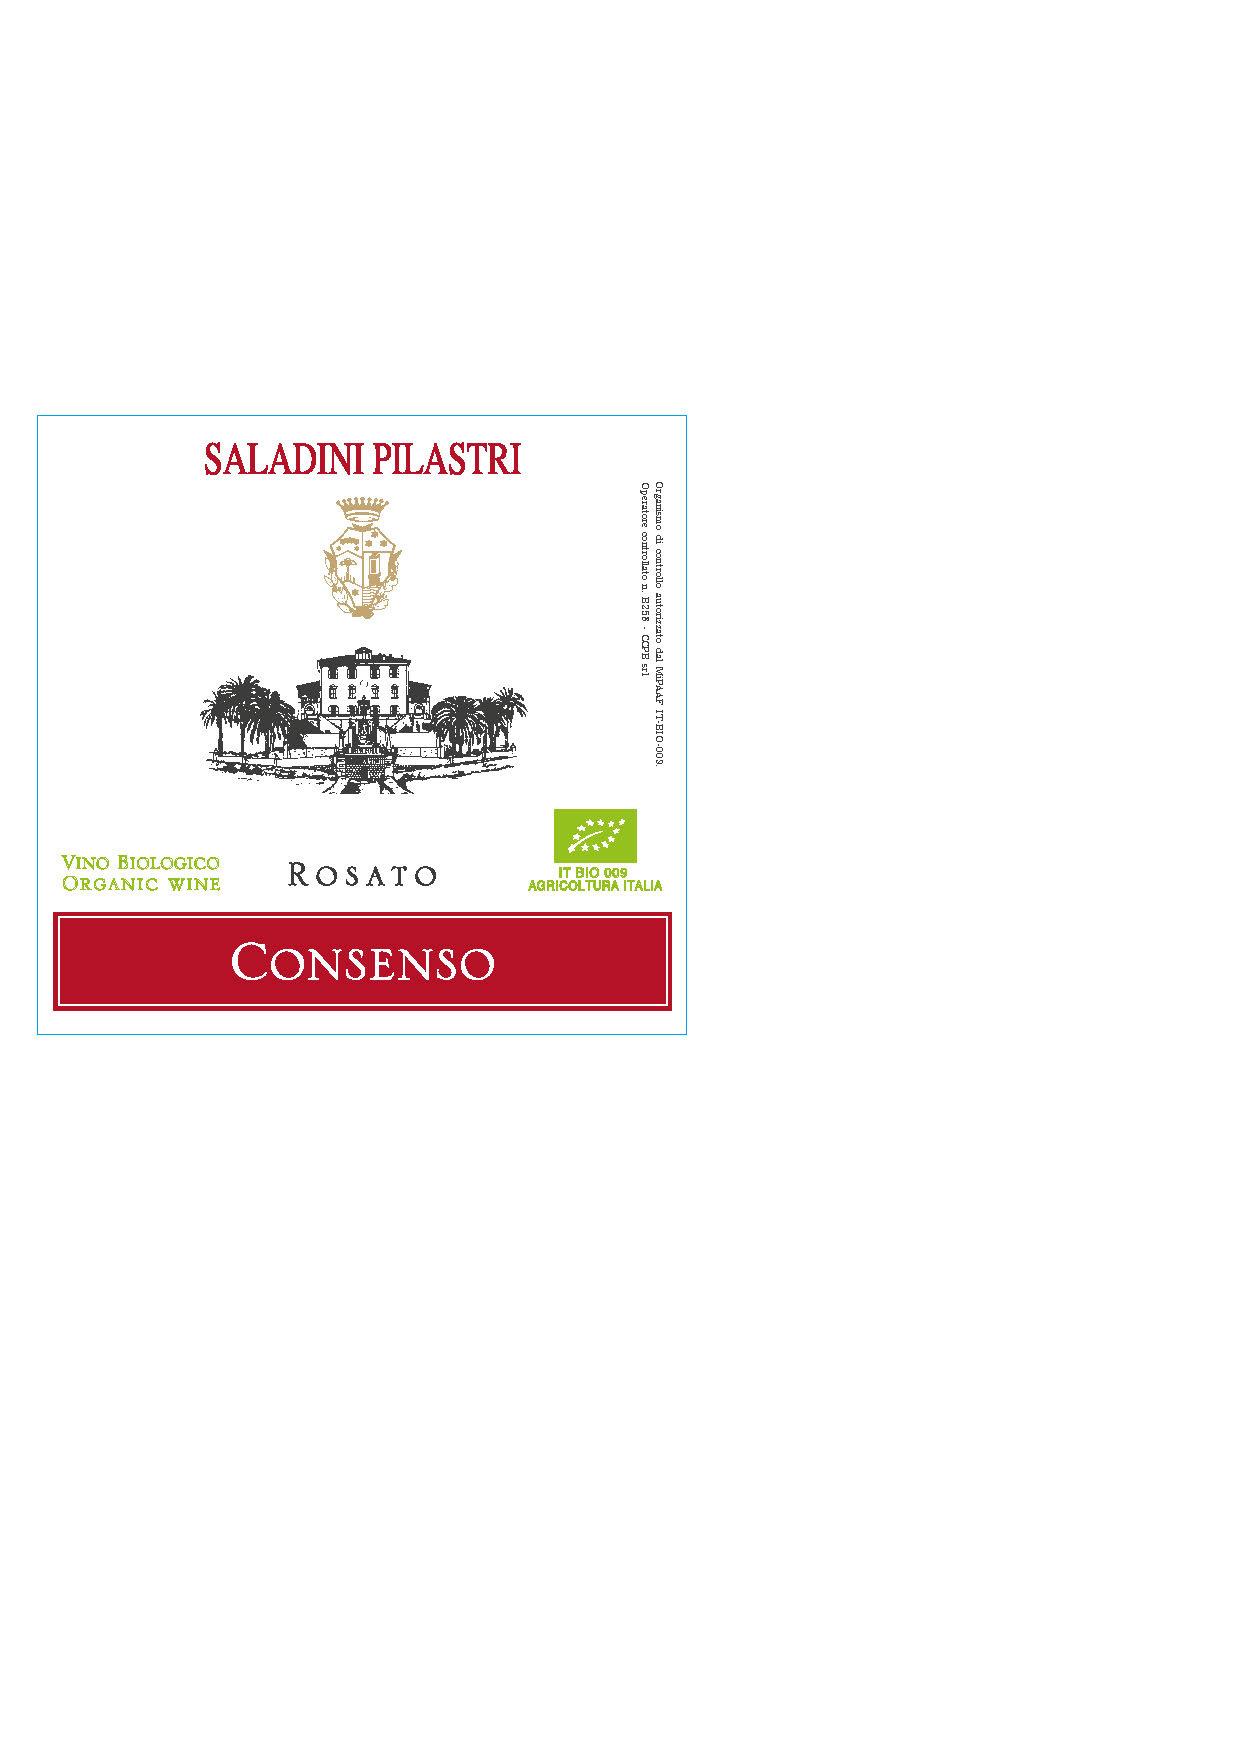 Saladini Pilastri, Rosato Consenso, 2020